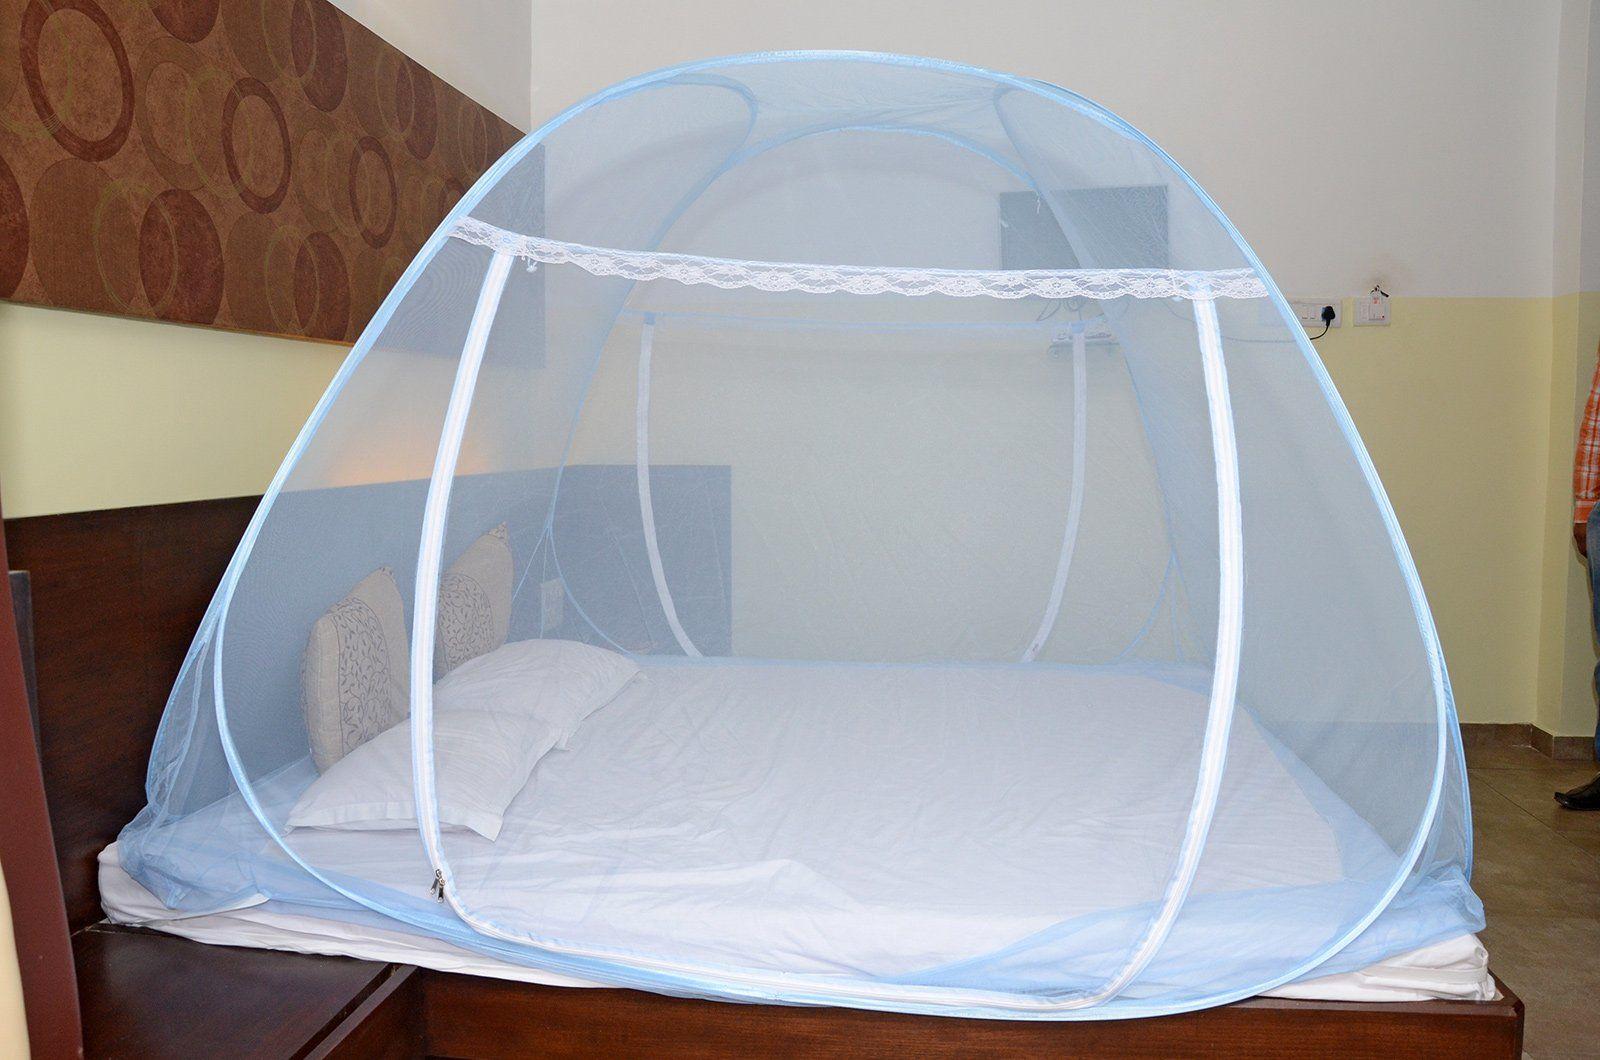 3. Gunakan kelambu saat tidur